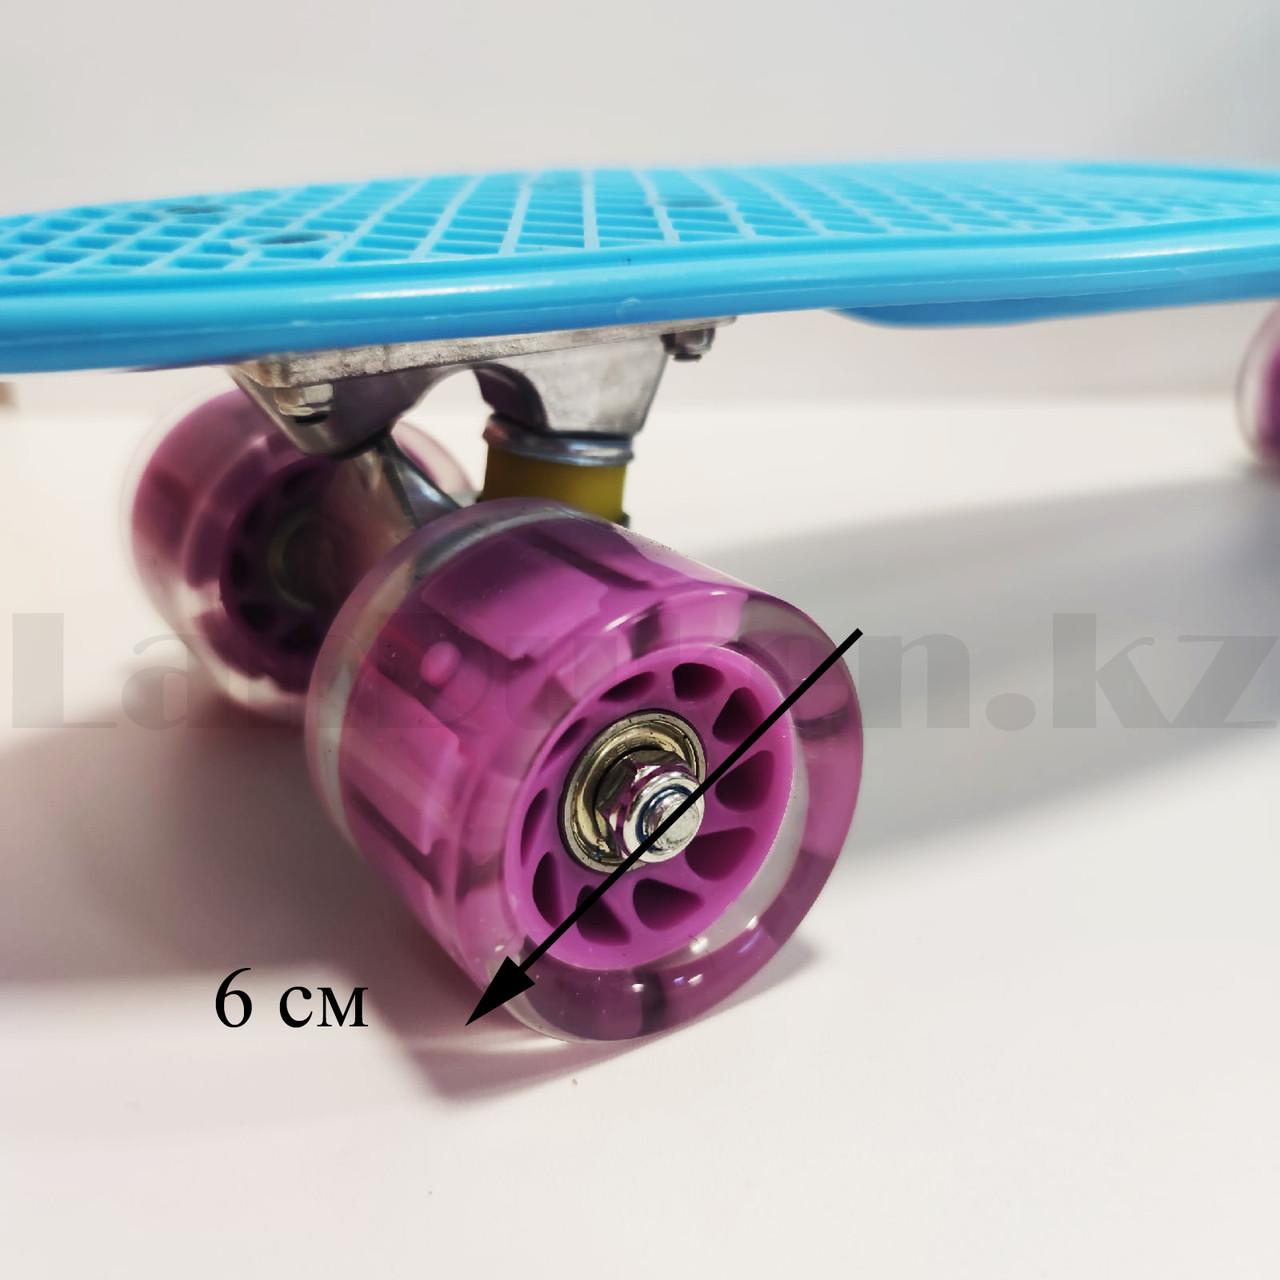 Пенни борд подростковый 56*15 Penny Board с гелевыми светящимися фиолетовыми колесами голубой - фото 3